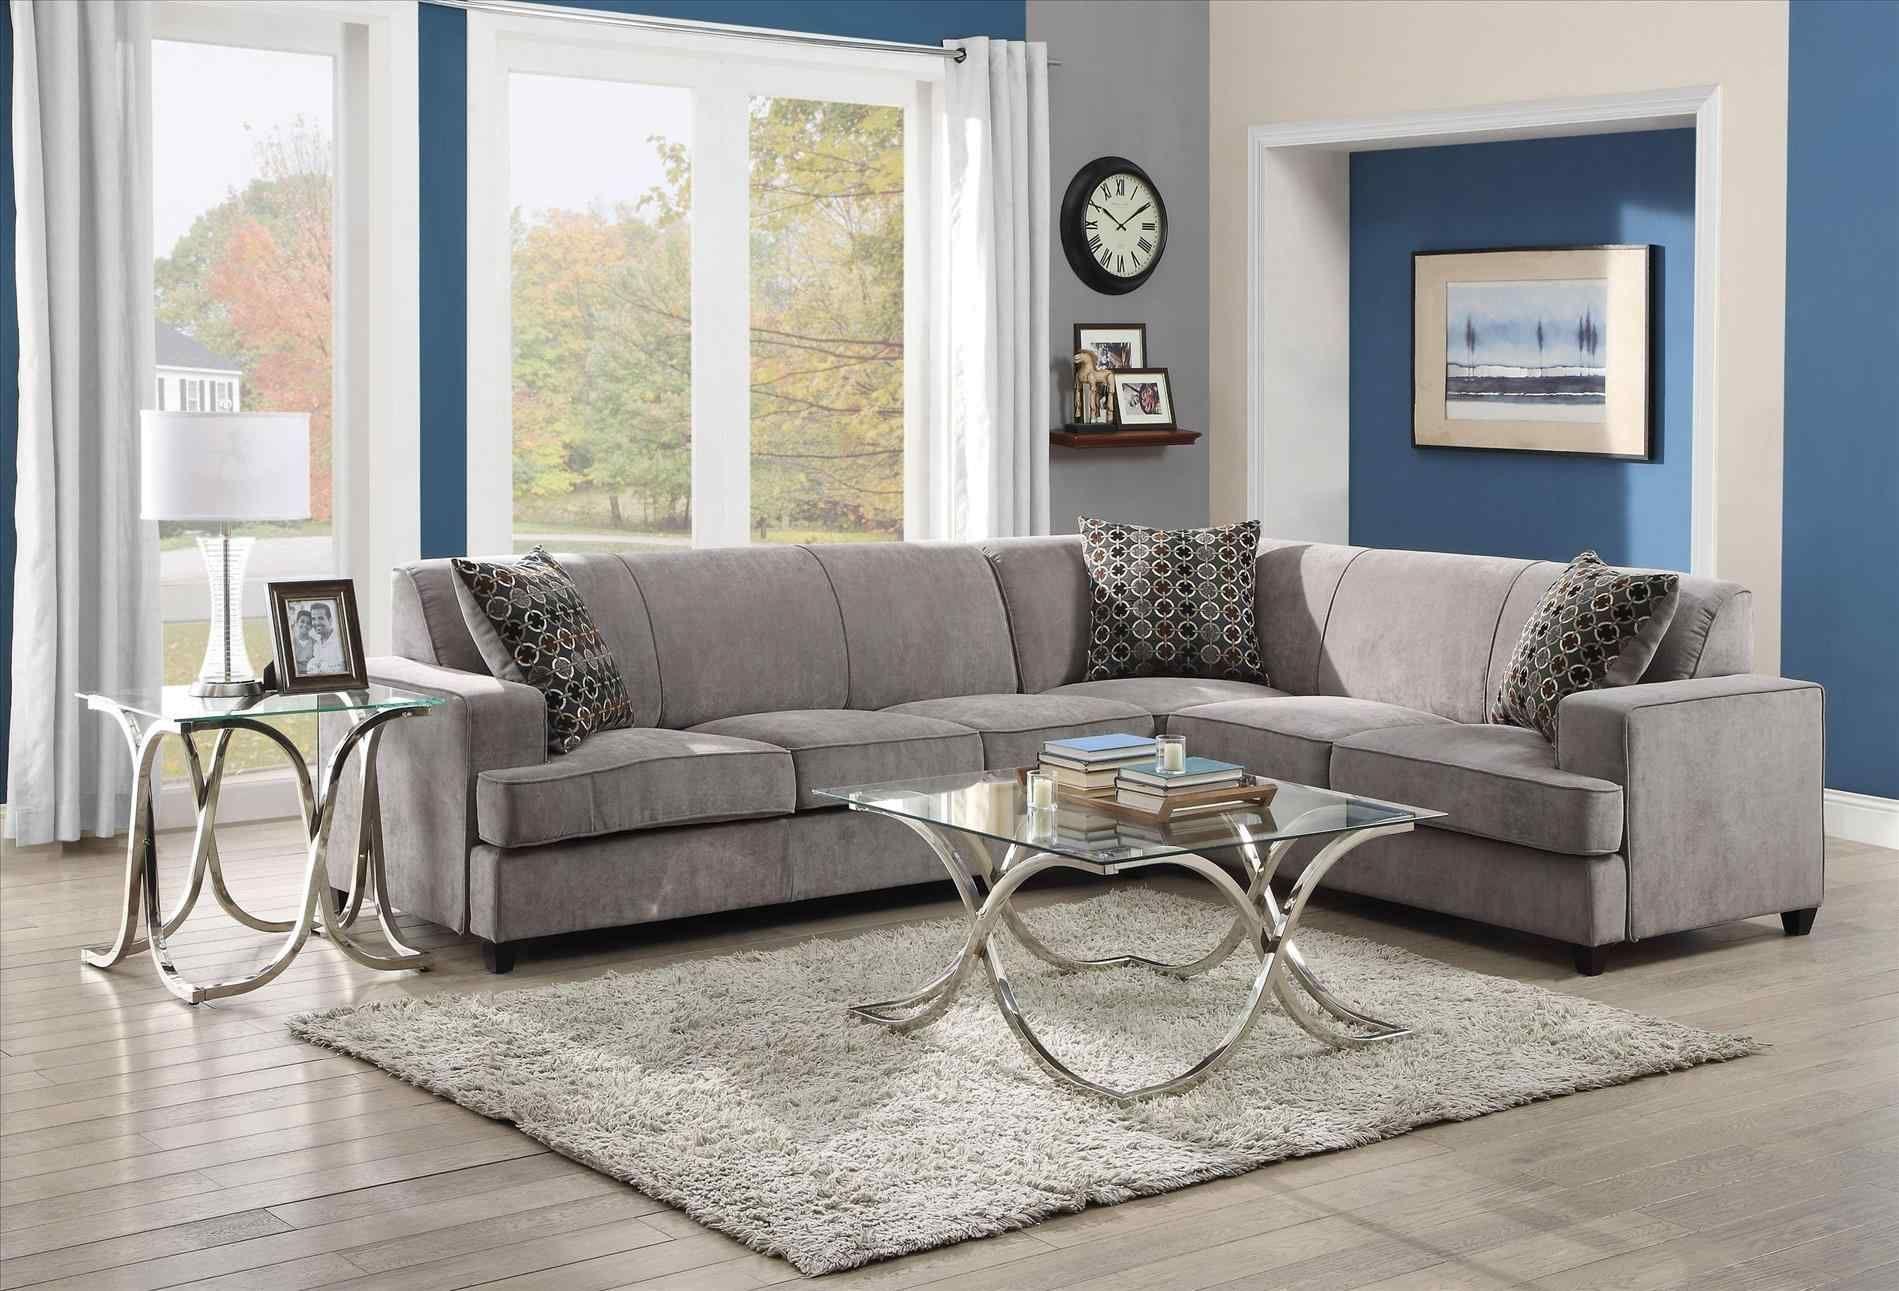 cleanupfloridacom living room living sectional sofas atlanta ga room ...